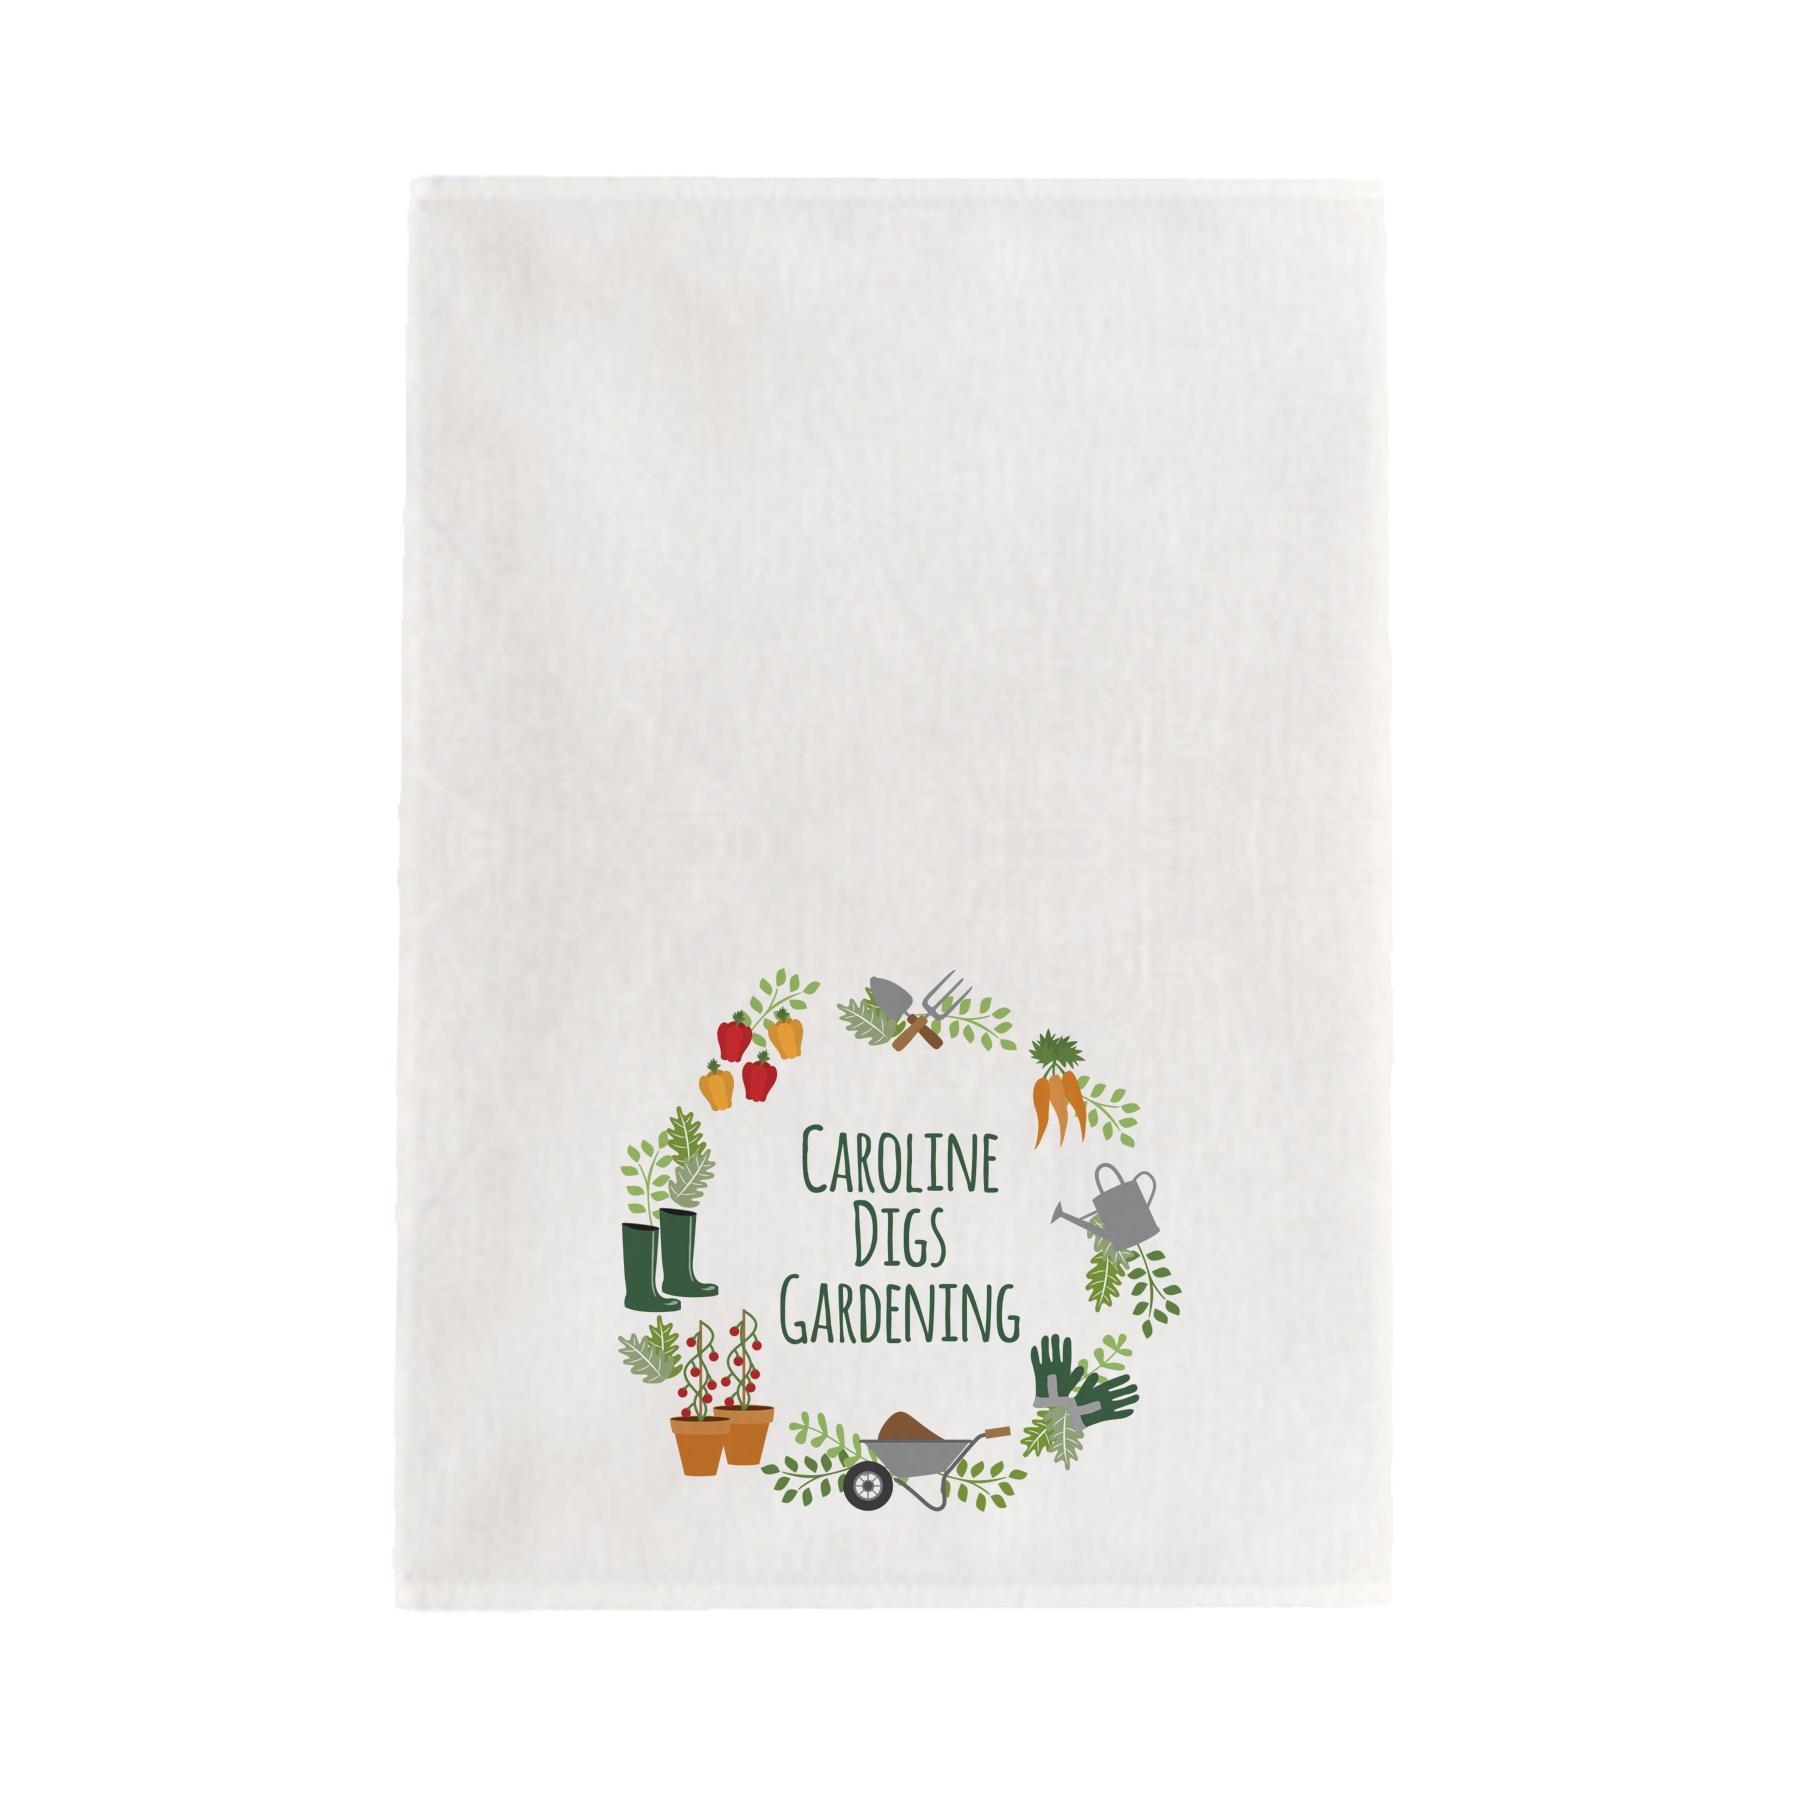 Digs Gardening Tea towel